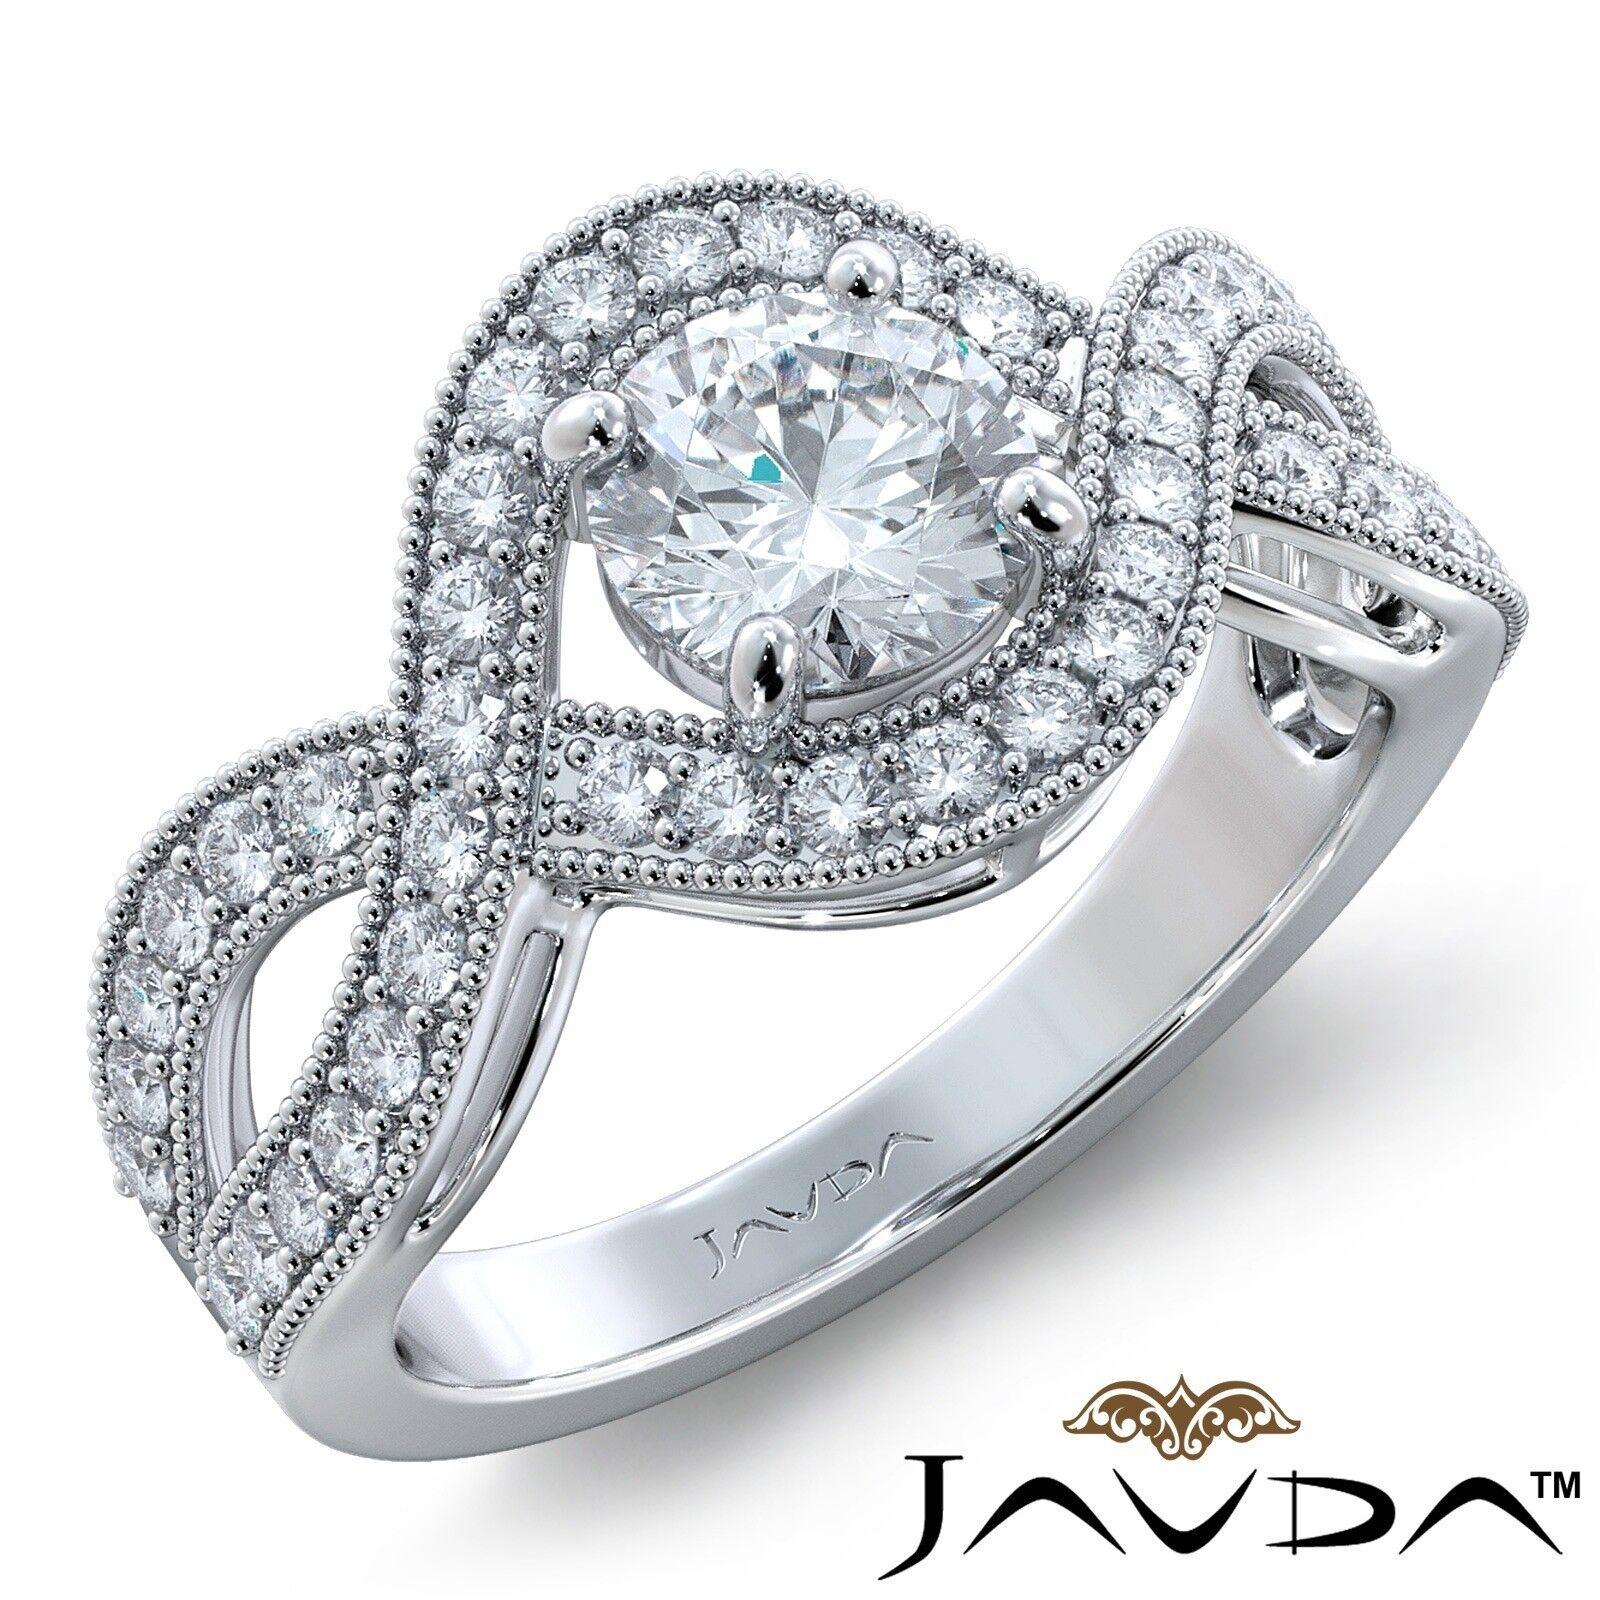 2.25ctw Milgrain Halo Side Stone Round Diamond Engagement Ring GIA I-VS2 W Gold